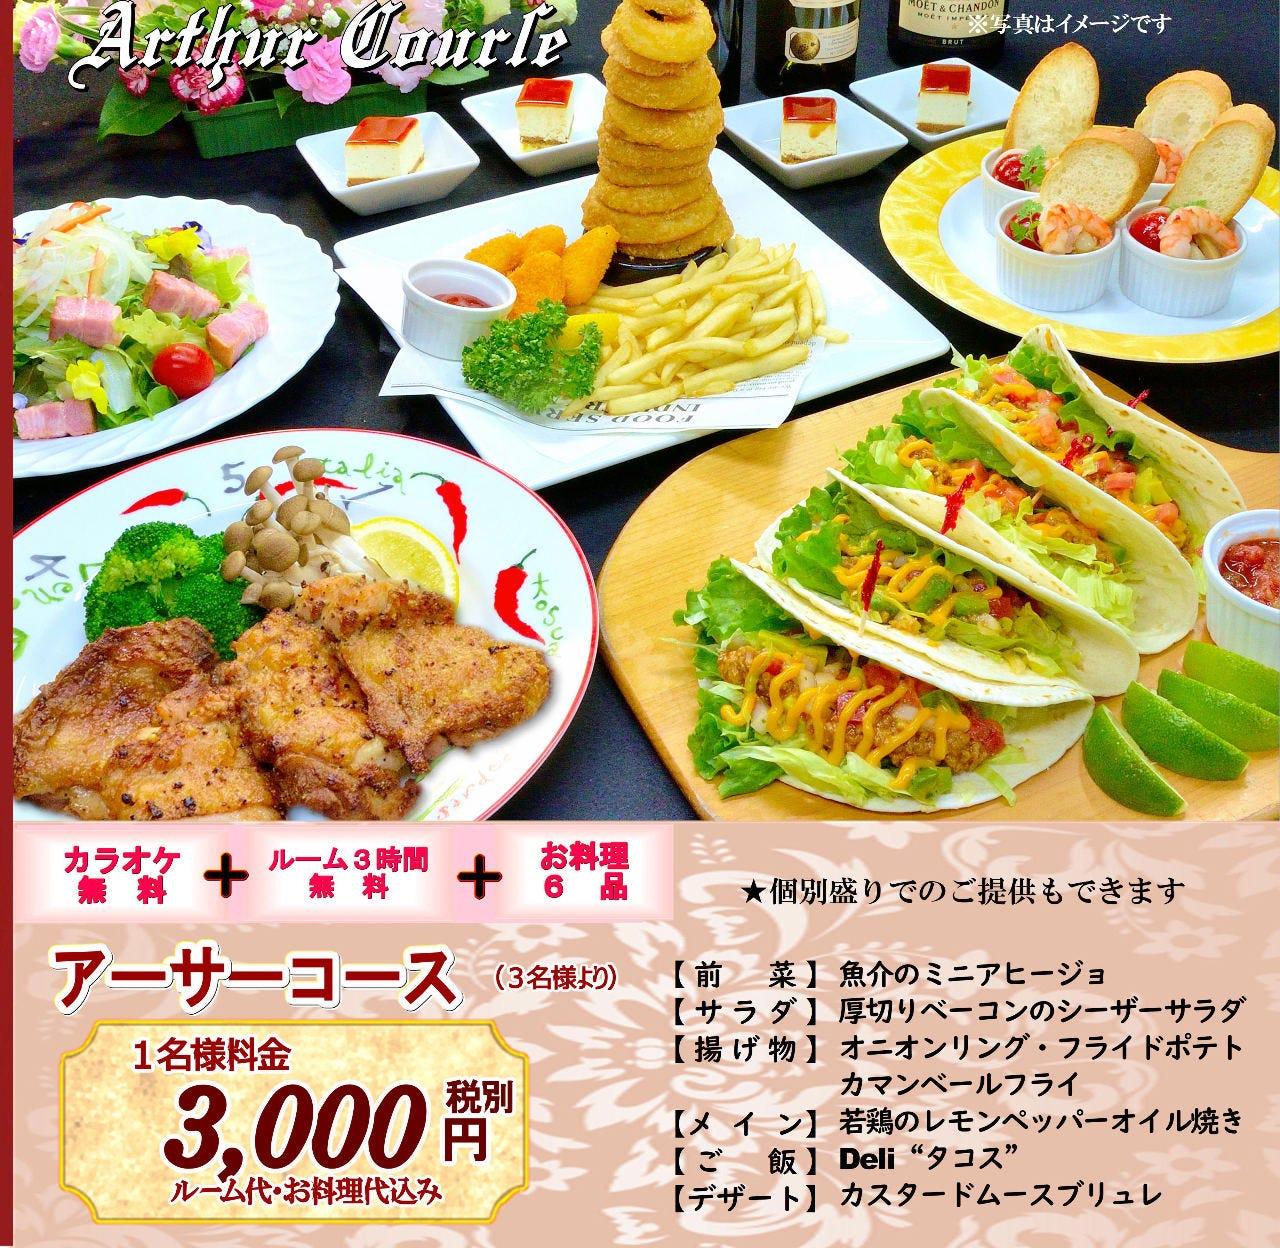 【アーサーコース】大人気!ルーム3時間付◆ご宴会・女子会・ママ会